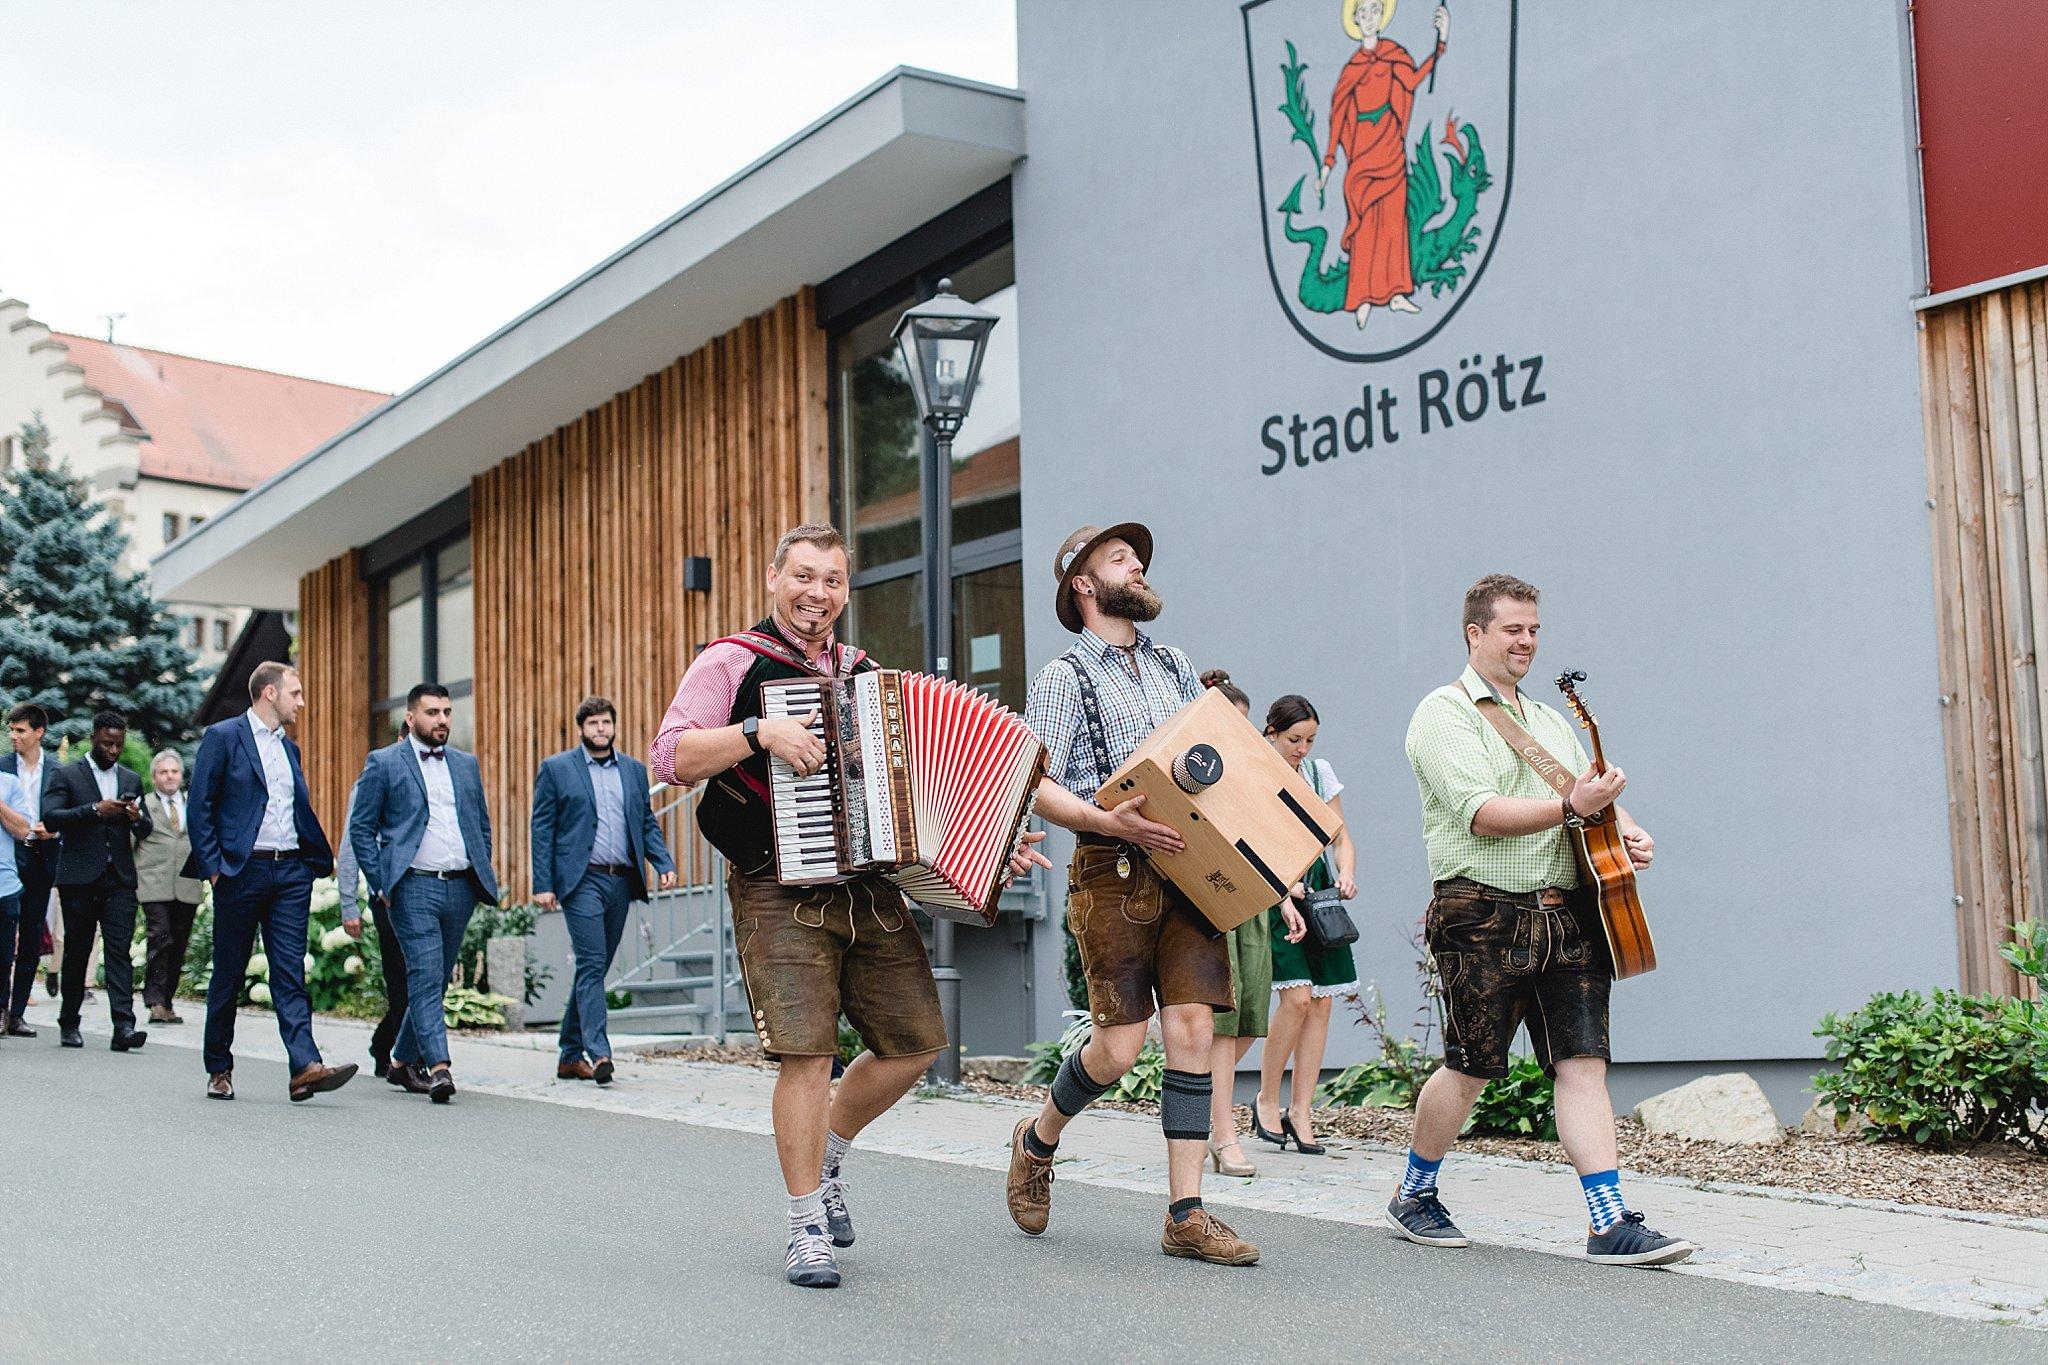 Hochzeit Fürstenkasten Rötz Bayerischer Wald_Hochzeitsfotograf Oberpfalz Bayern00041